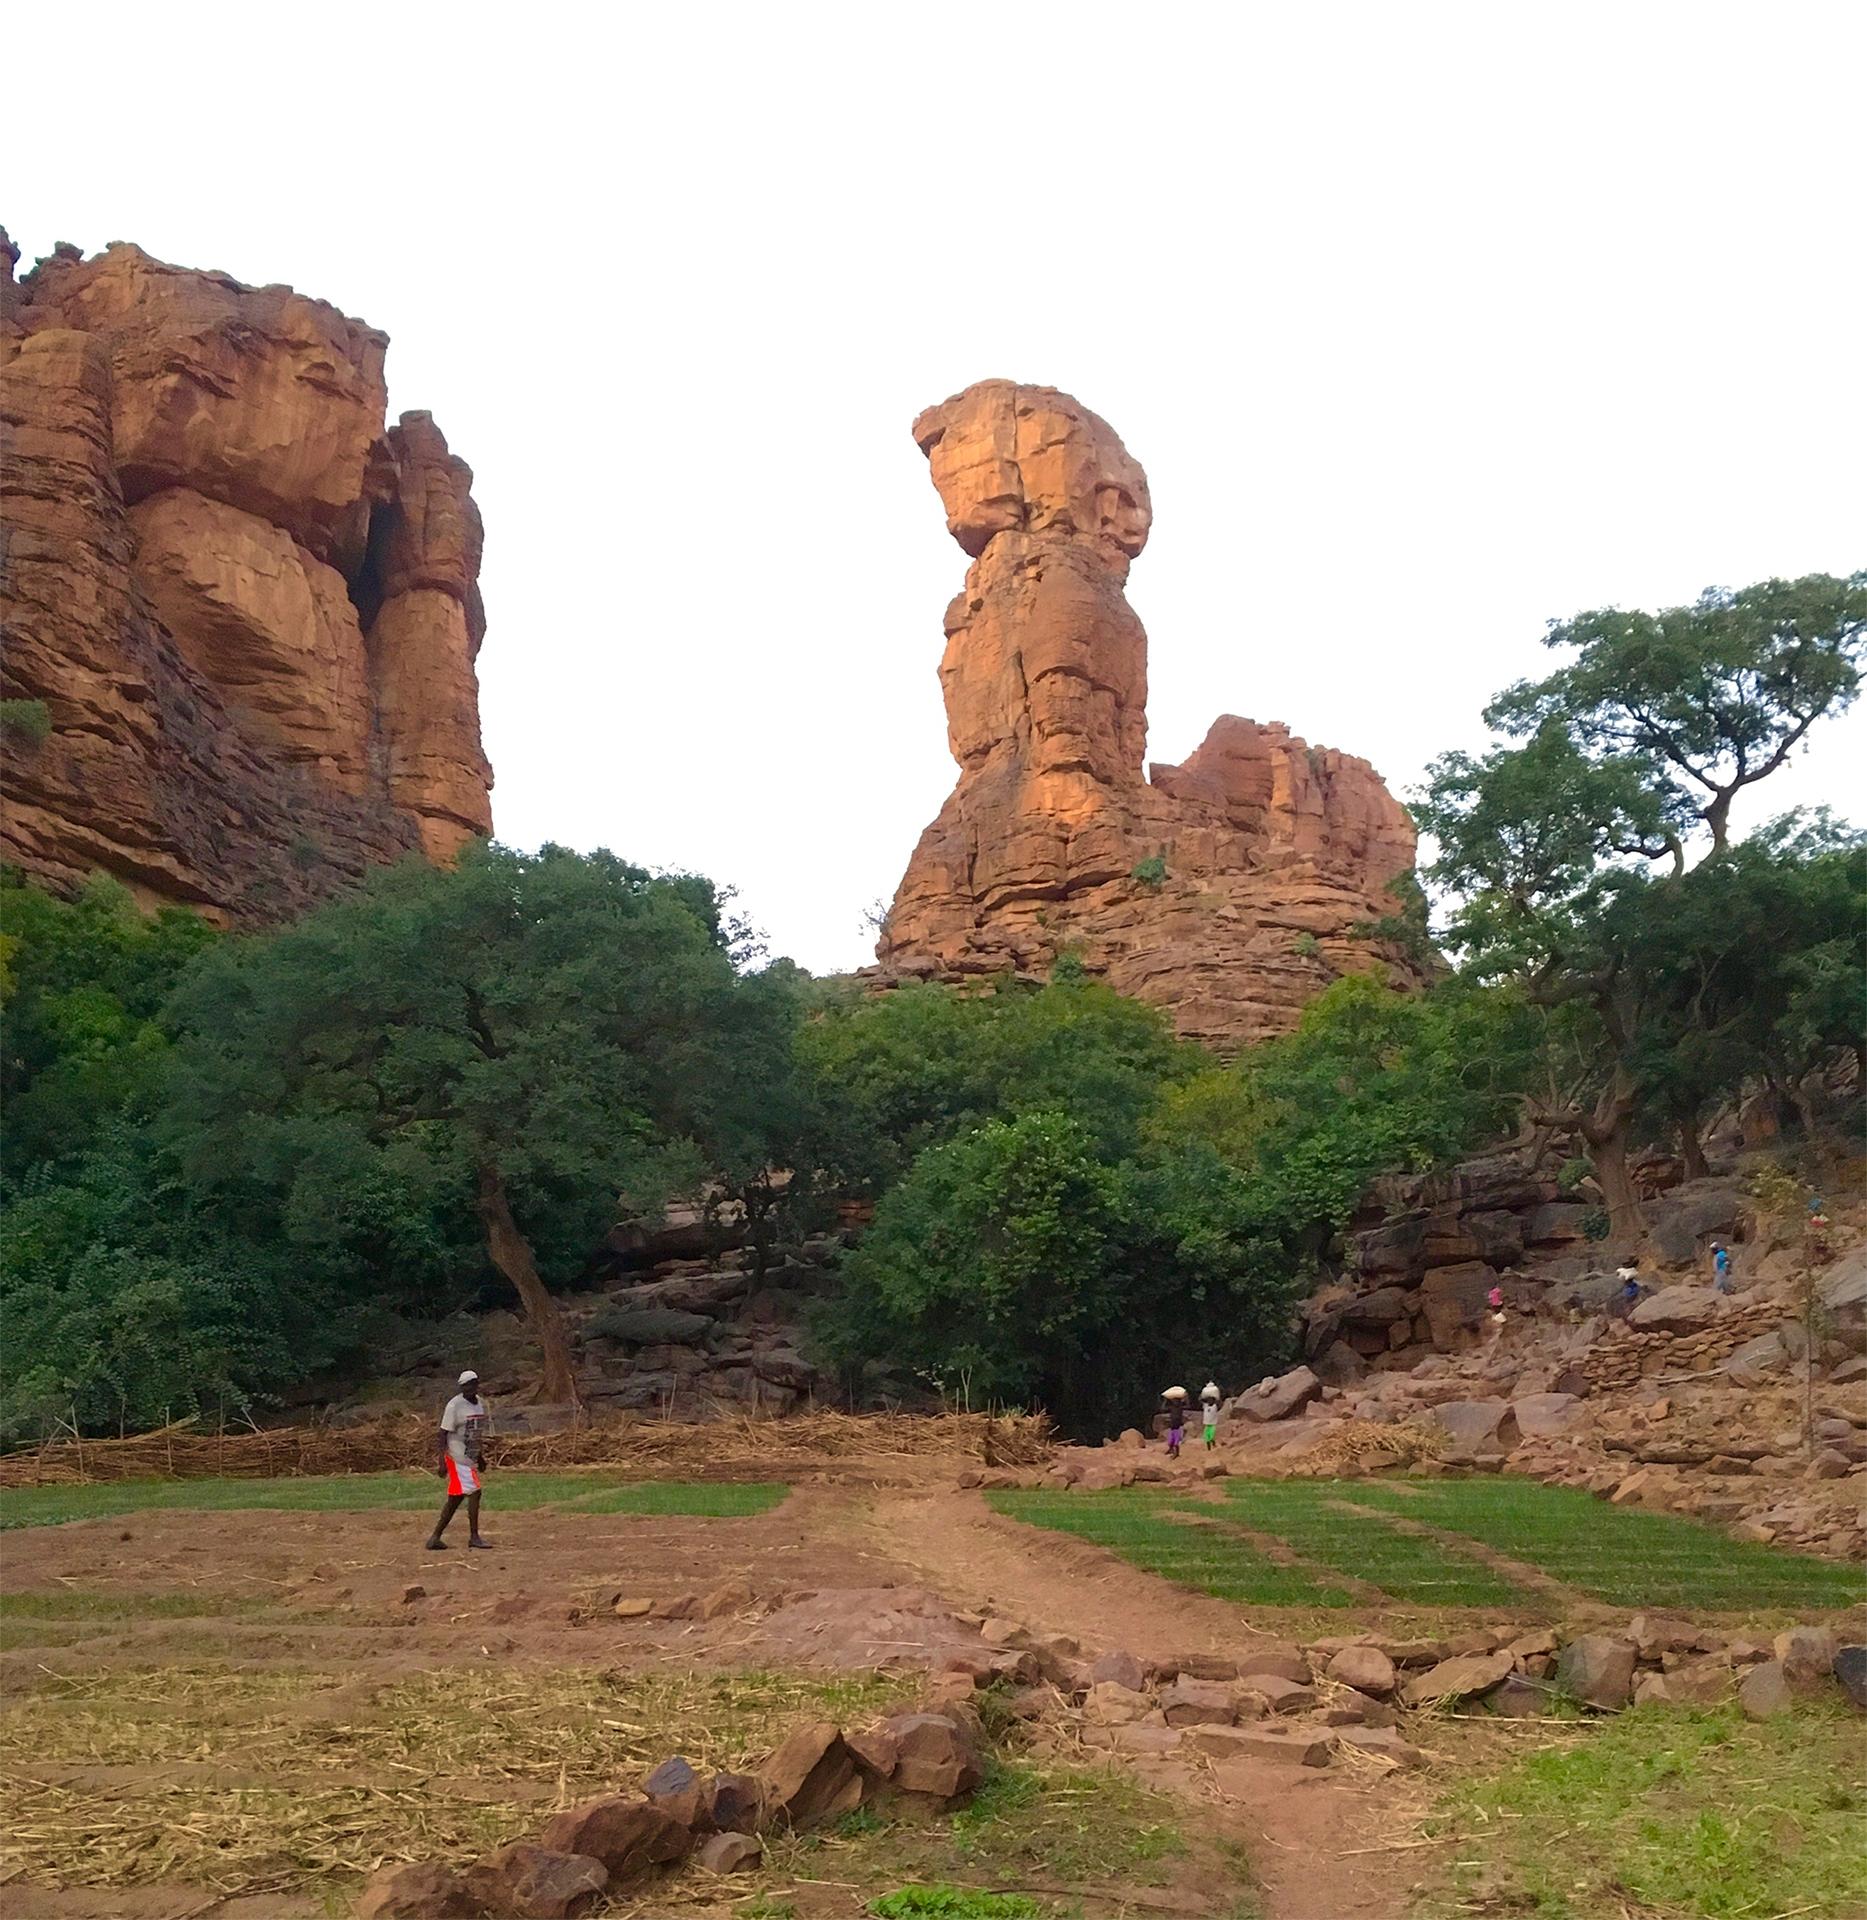 cultivos bandiagara mali pablocaminante begnematou - Malí